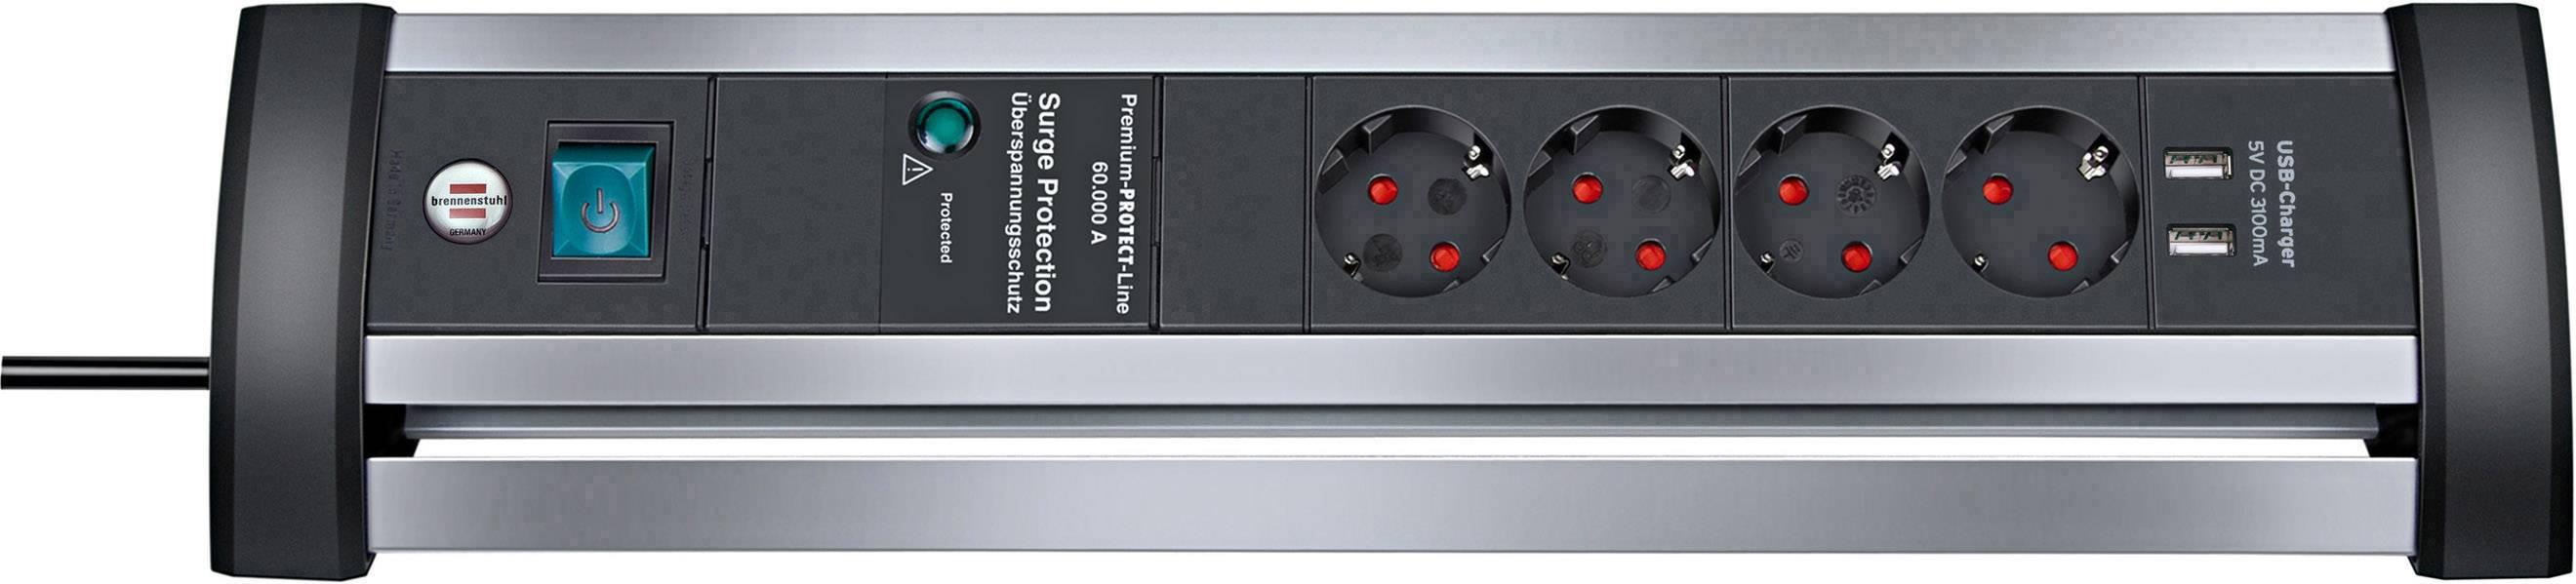 Brennenstuhl 1395000534 Multipresa con protezione da sovratensioni 4 scomparti Alluminio (opaco), Nero Schuko